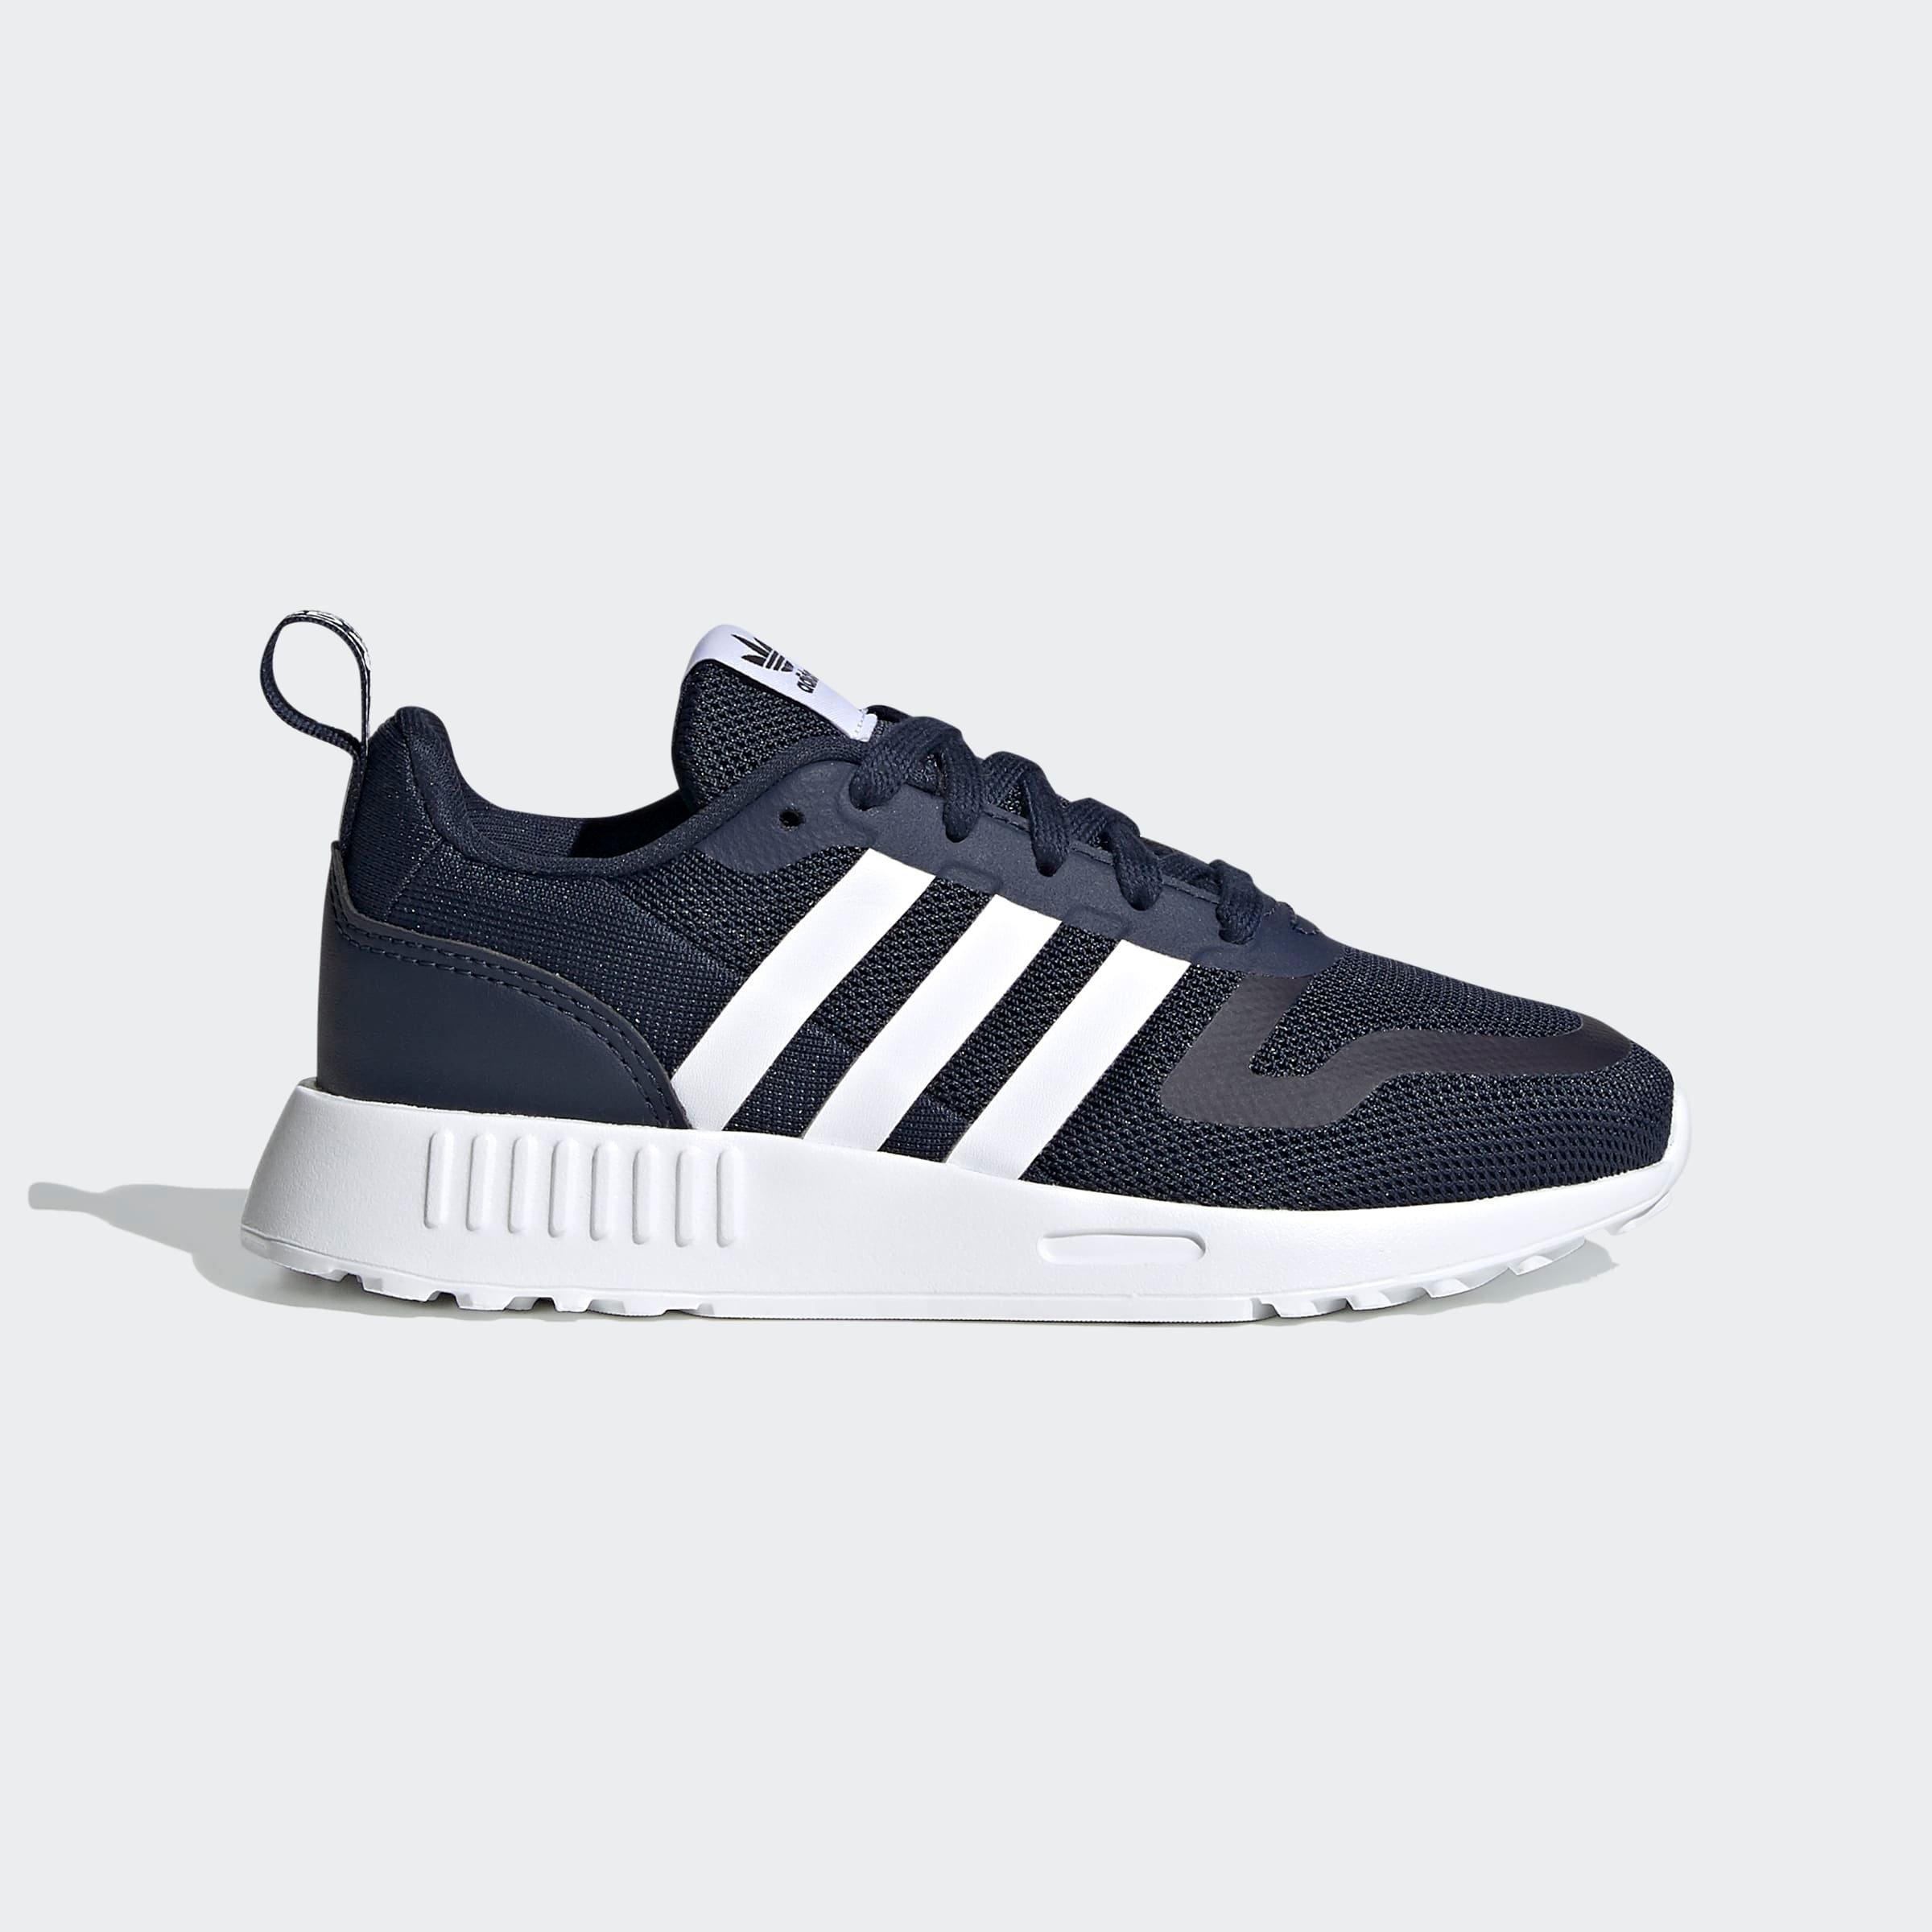 adidas Originals sneakers MULTIX ORIGINALS JUNIOR UNISEX in klassiek design online kopen op otto.nl